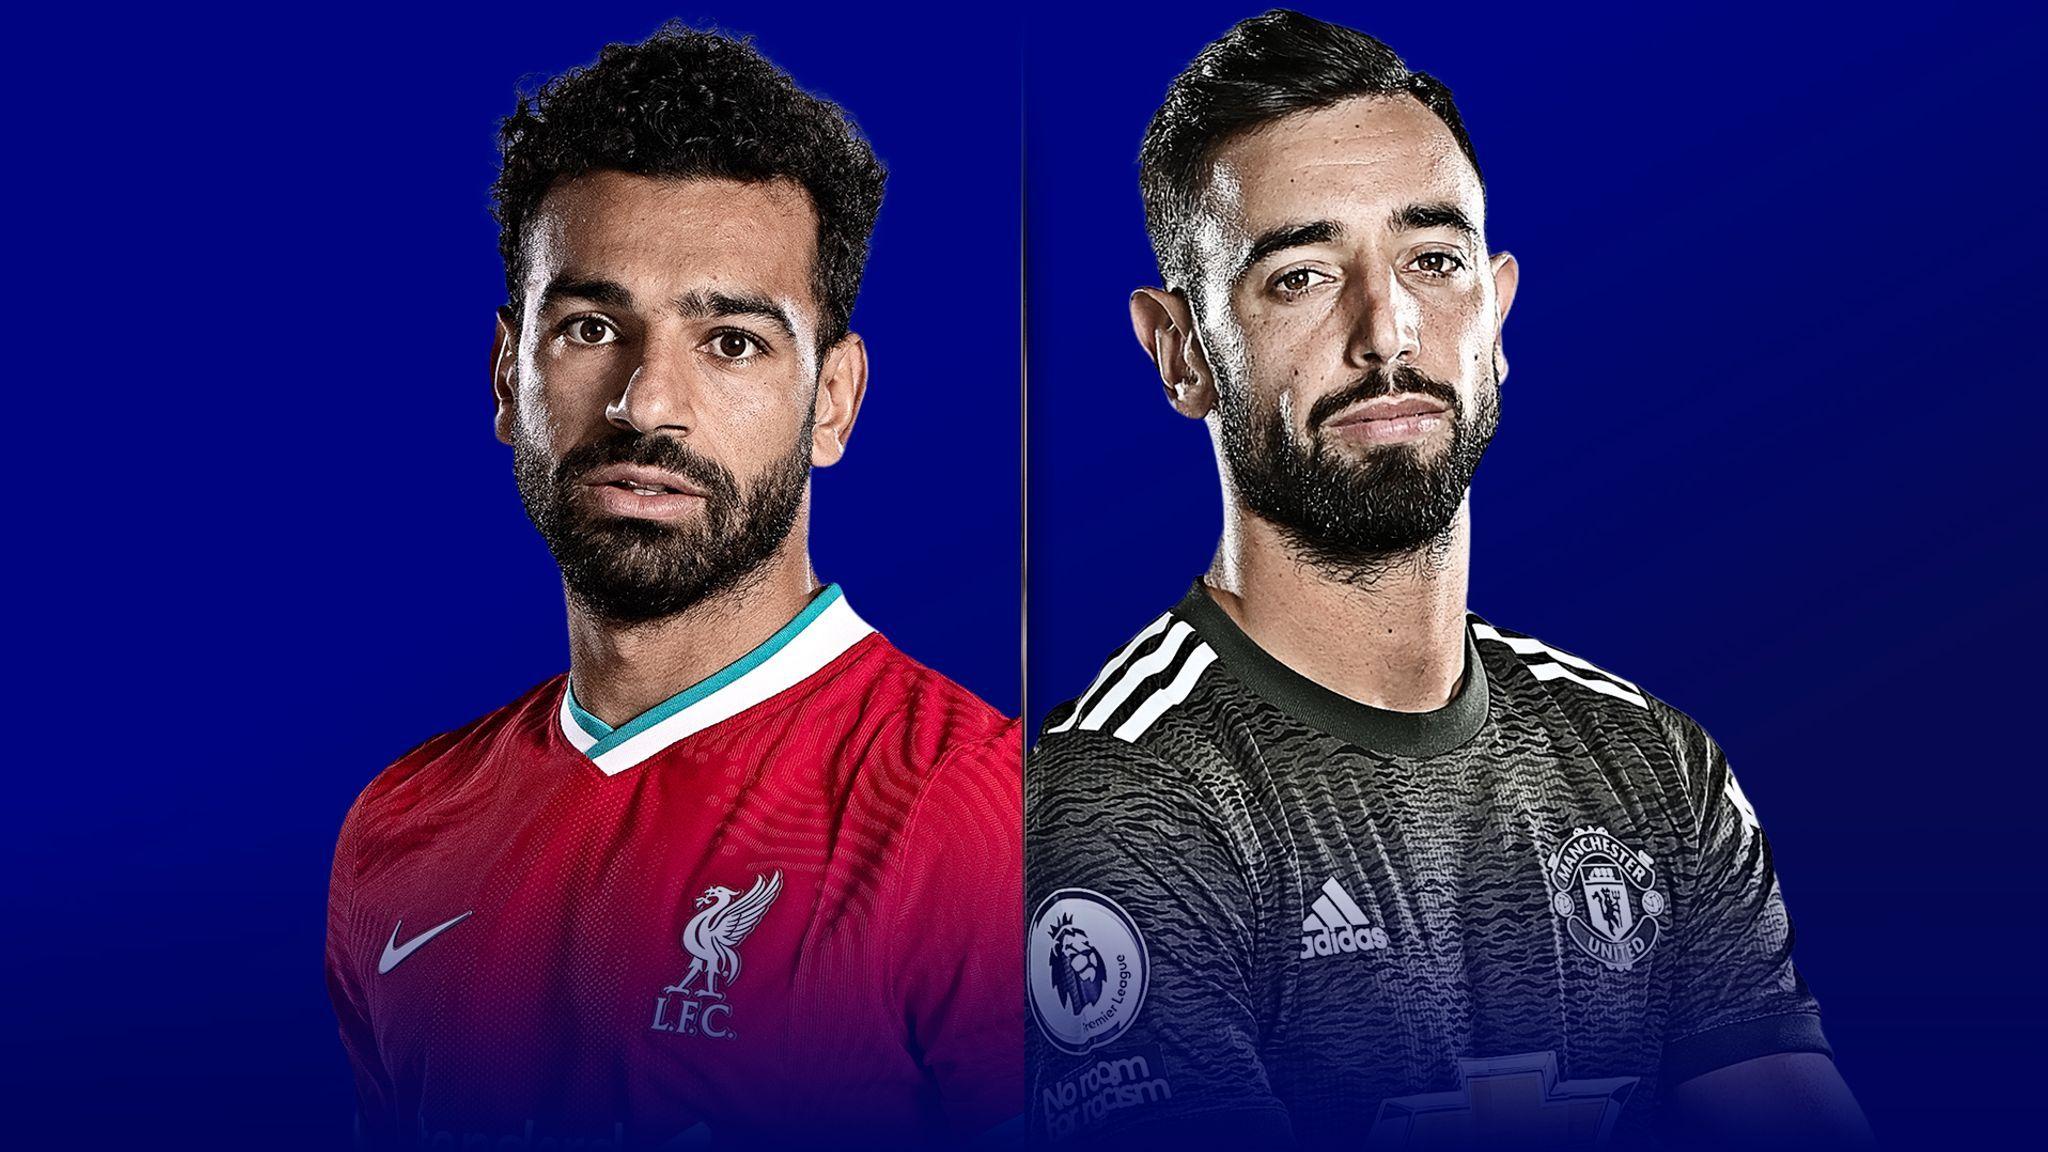 مانشستر يونايتد ضد ليفربول  ..  أبرز مباريات الأحد 2021/01/24